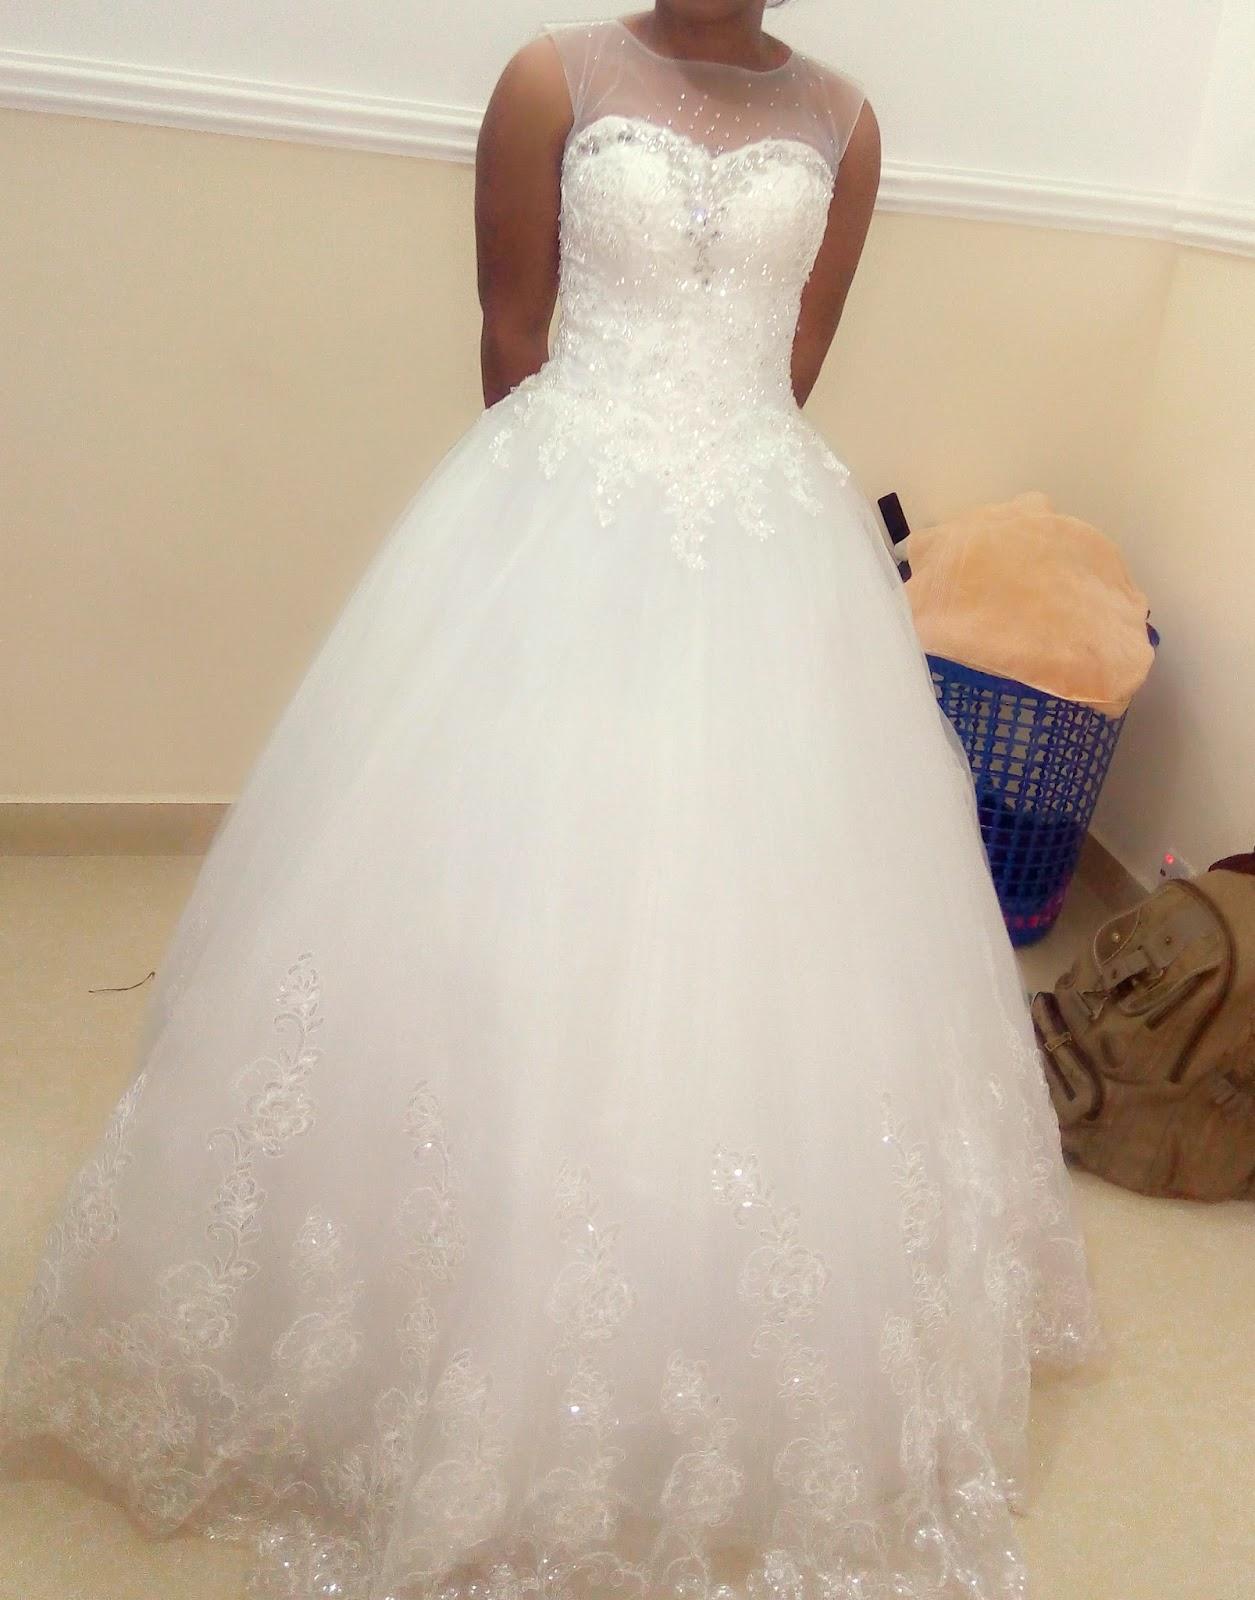 Wedding Dress Buyers 97 Cute Good day Stella i